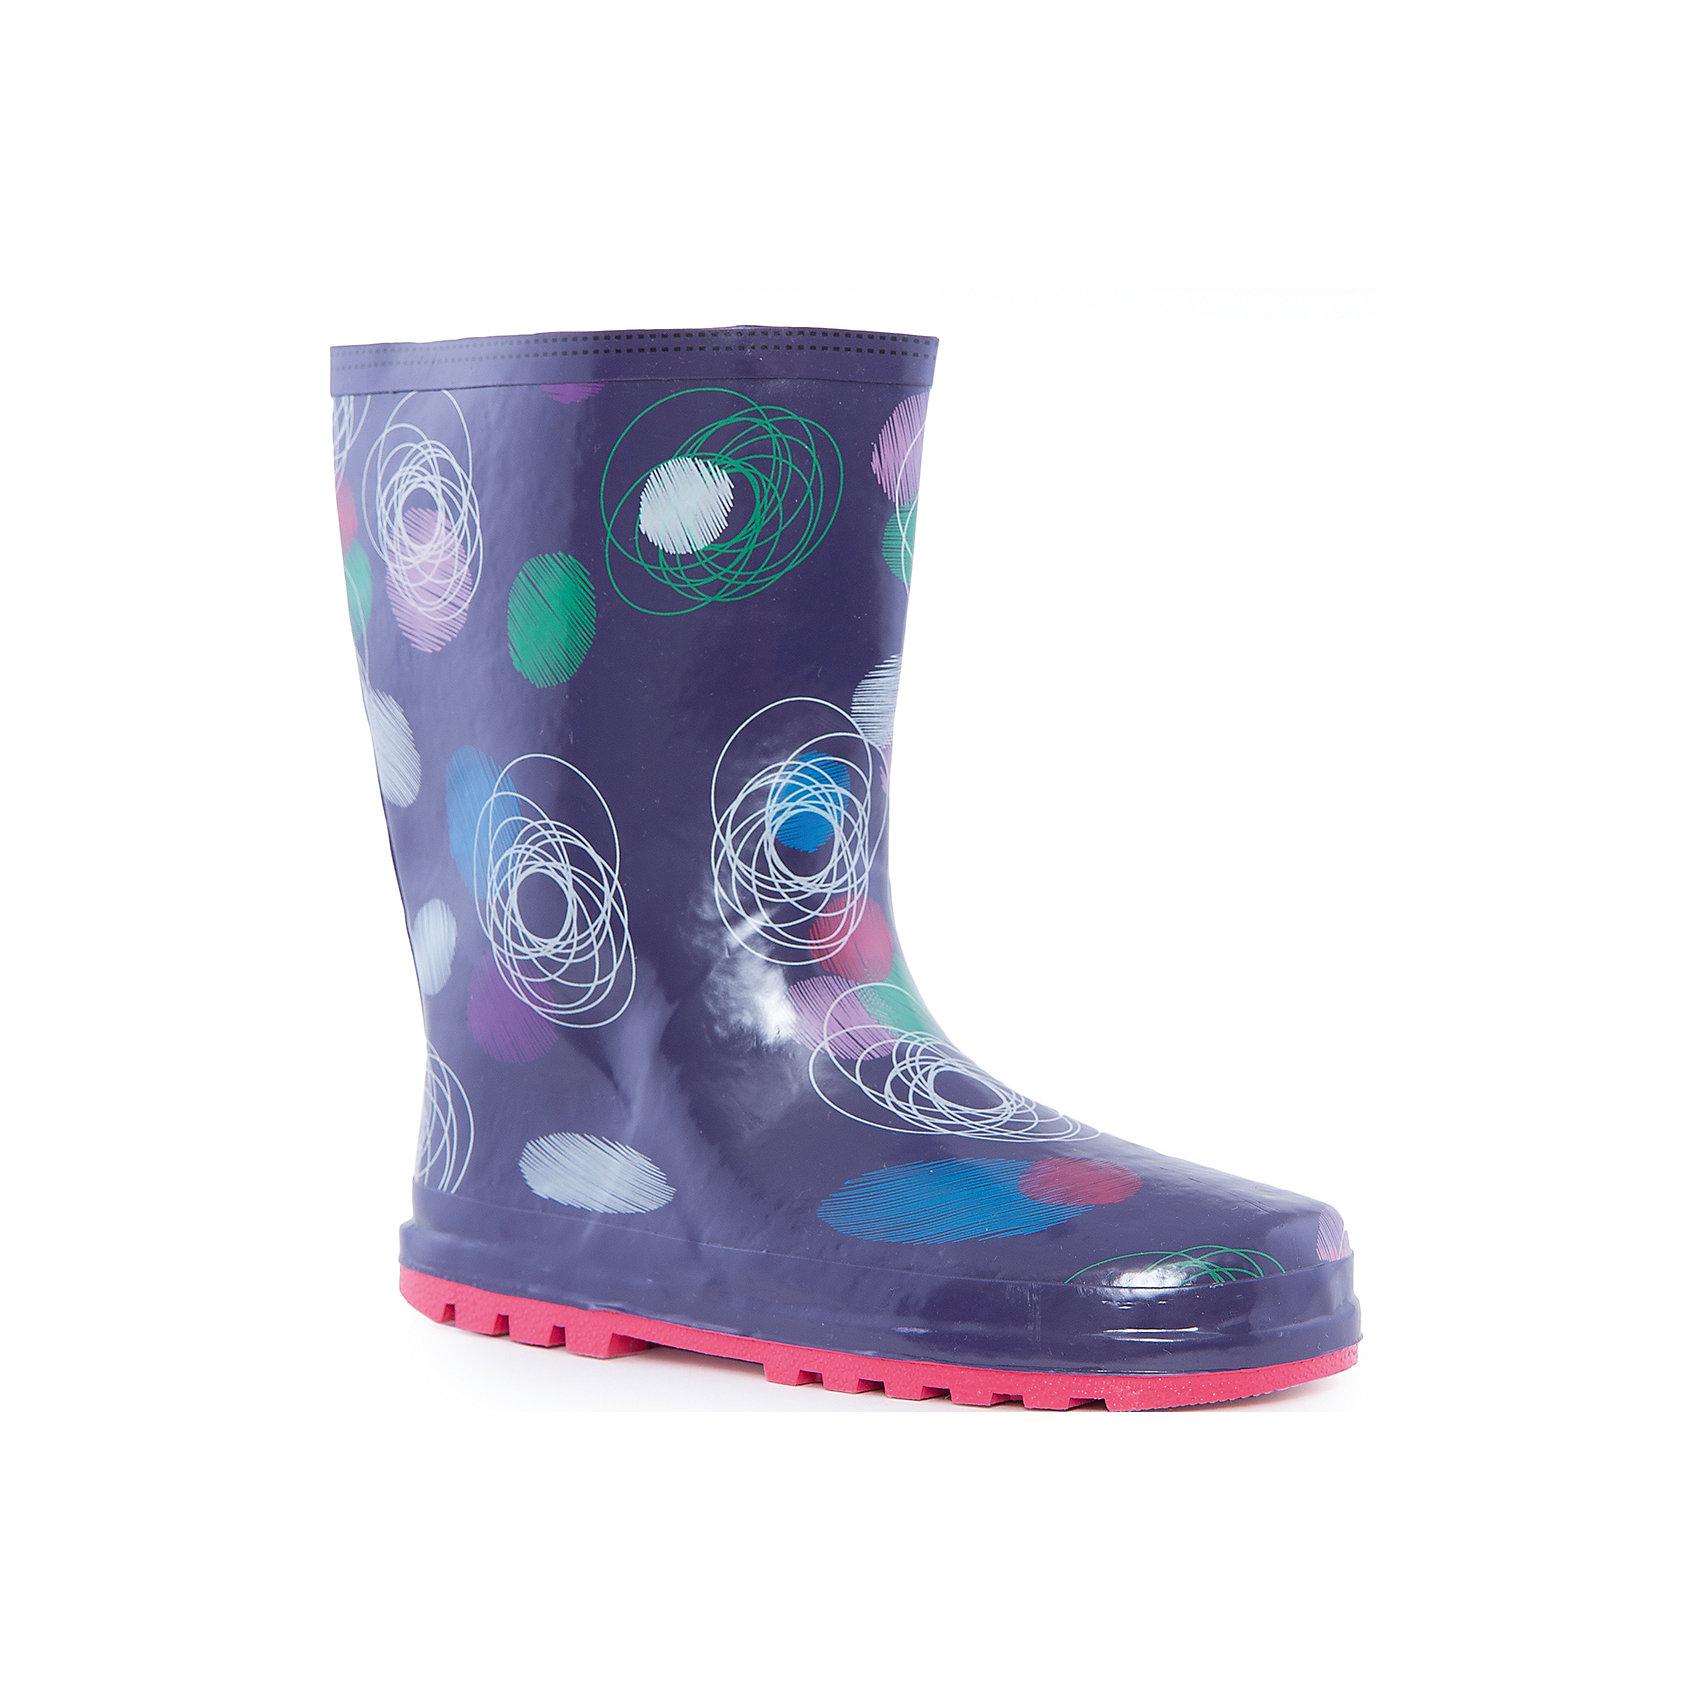 Резиновые сапоги для девочки ScoolСтильные резиновые сапоги от известного бренда Scool выполнены из высококачественных материалов и прекрасно подойдут для дождливой погоды. Модель на резиновой подошве отлично защищает ноги ребенка от воды, подкладка сапожек из хлопка. Сапоги представлены в фиолетовом цвете, декорированы цветными рисунками, имеют яркую подошву. Сапожки подойдут в любимому плащику или ветровке.<br>Дополнительная информация:<br>- Подкладка 100% хлопок<br>- Защита от промокания.<br>- Сезон: осень/весна.<br><br>Состав:<br>- Верх: 100% резина <br>- Подкладка: 100% хлопок<br>- Стелька: ЭВА (вспененный полимер)+текстиль<br>- Подошва: 100% резина.<br><br>Резиновые сапоги для девочки Scool, можно купить в нашем магазине.<br>Подробнее:<br>• Для детей в возрасте: от 8 до 13 лет<br>• Номер товара: 4911309<br>Страна производитель: Китай<br><br>Ширина мм: 237<br>Глубина мм: 180<br>Высота мм: 152<br>Вес г: 438<br>Цвет: фиолетовый<br>Возраст от месяцев: 144<br>Возраст до месяцев: 156<br>Пол: Женский<br>Возраст: Детский<br>Размер: 36,32,33,34,38,37,35<br>SKU: 4911308